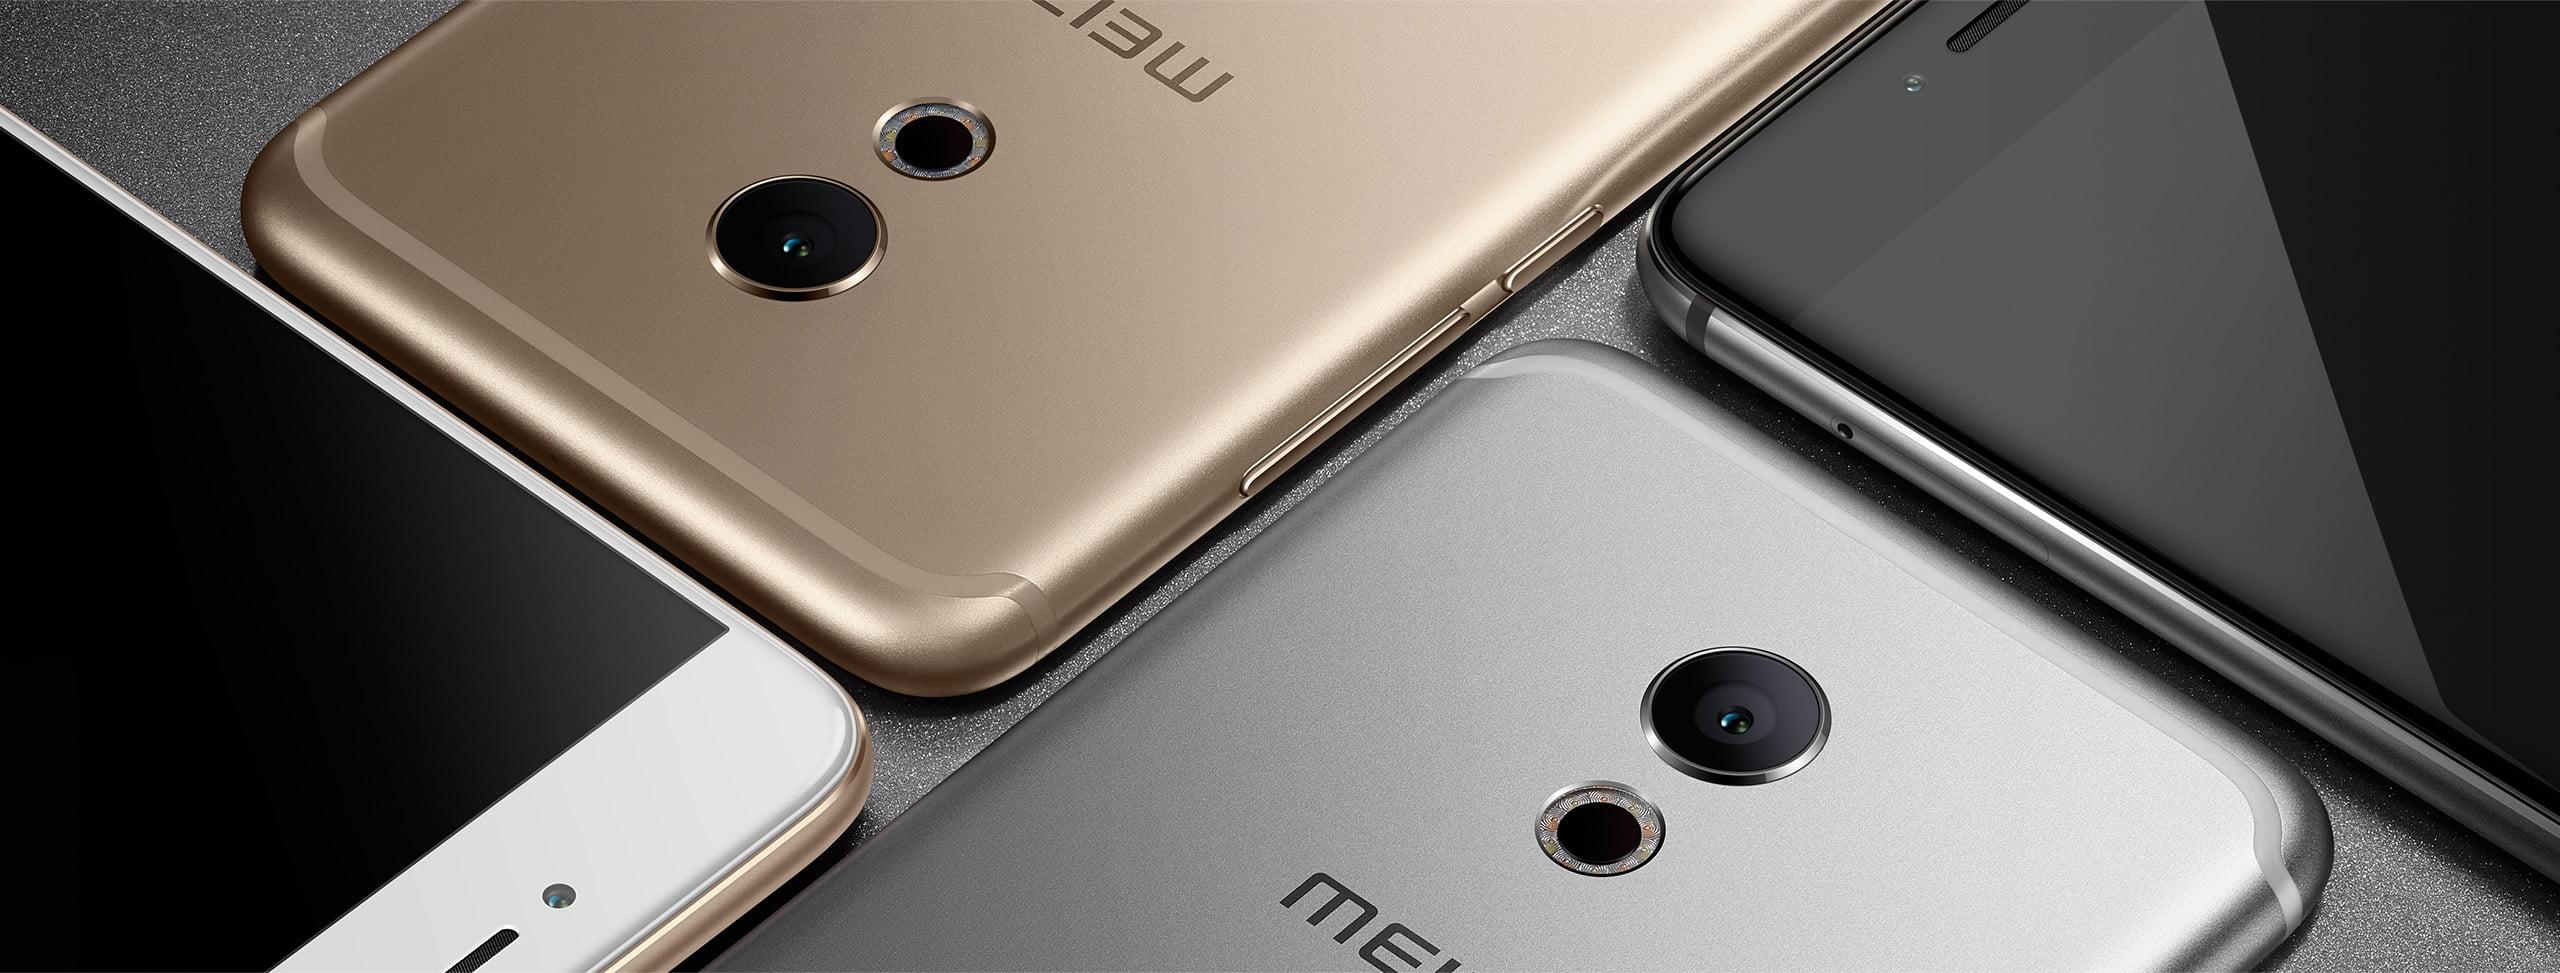 Meizu w tym roku może zaprezentować jeszcze Pro 6S i Pro 6 Plus 28